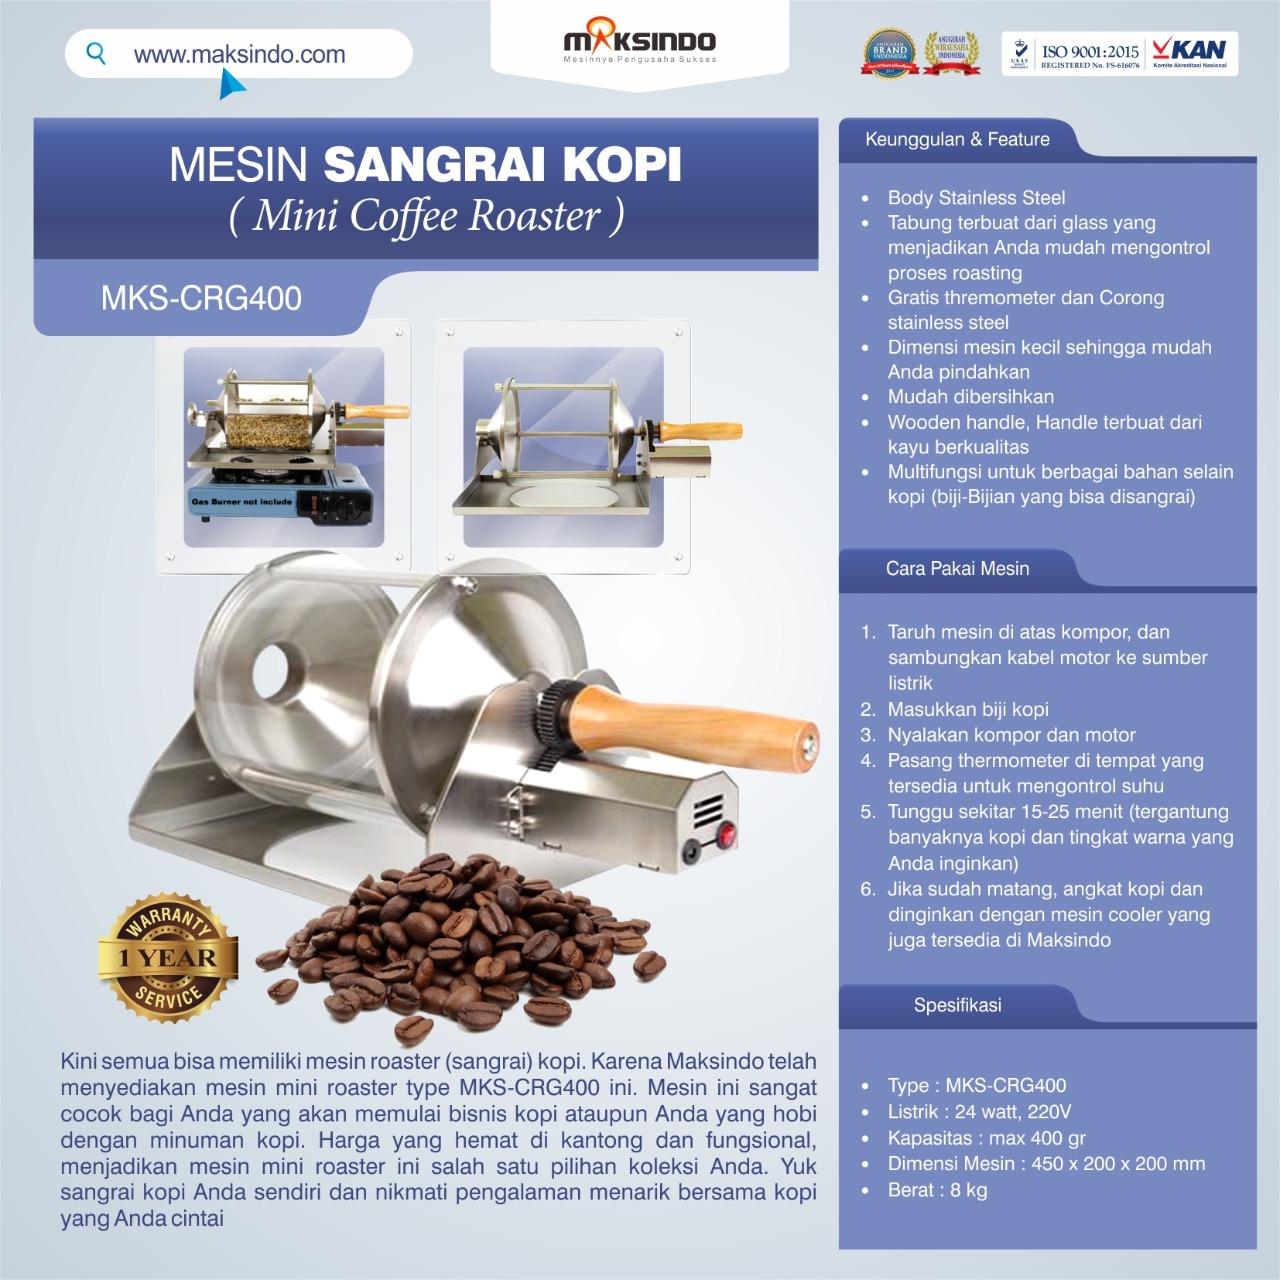 Jual Mesin Sangrai Kopi (Coffee Roaster) MKS-CRG400 di Medan